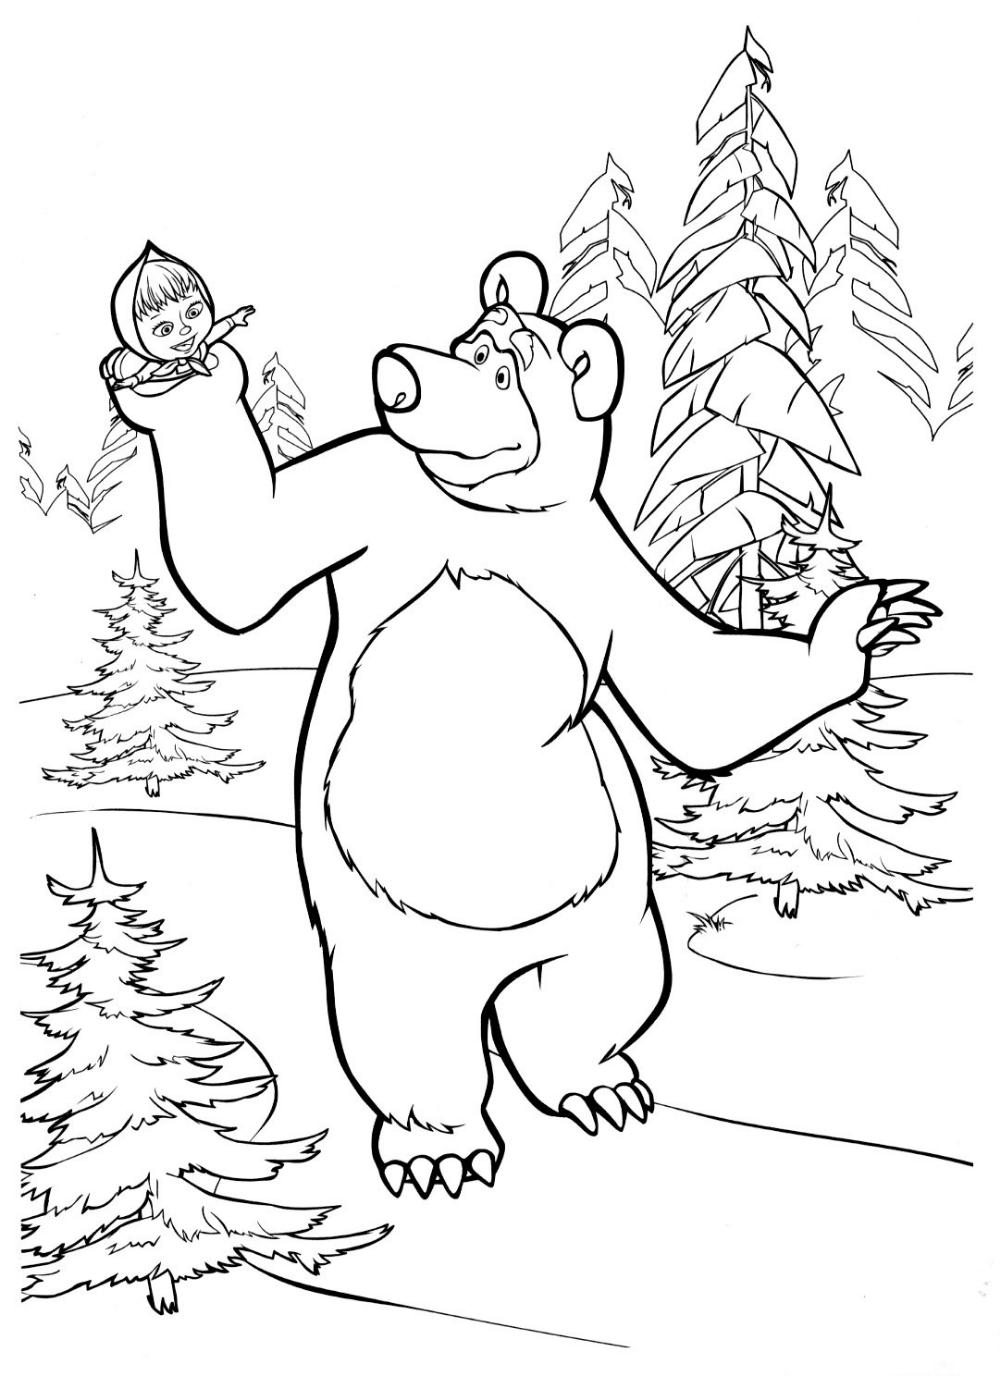 Desenhos Infantis Para Colorir Masha E O Urso Masha E O Urso